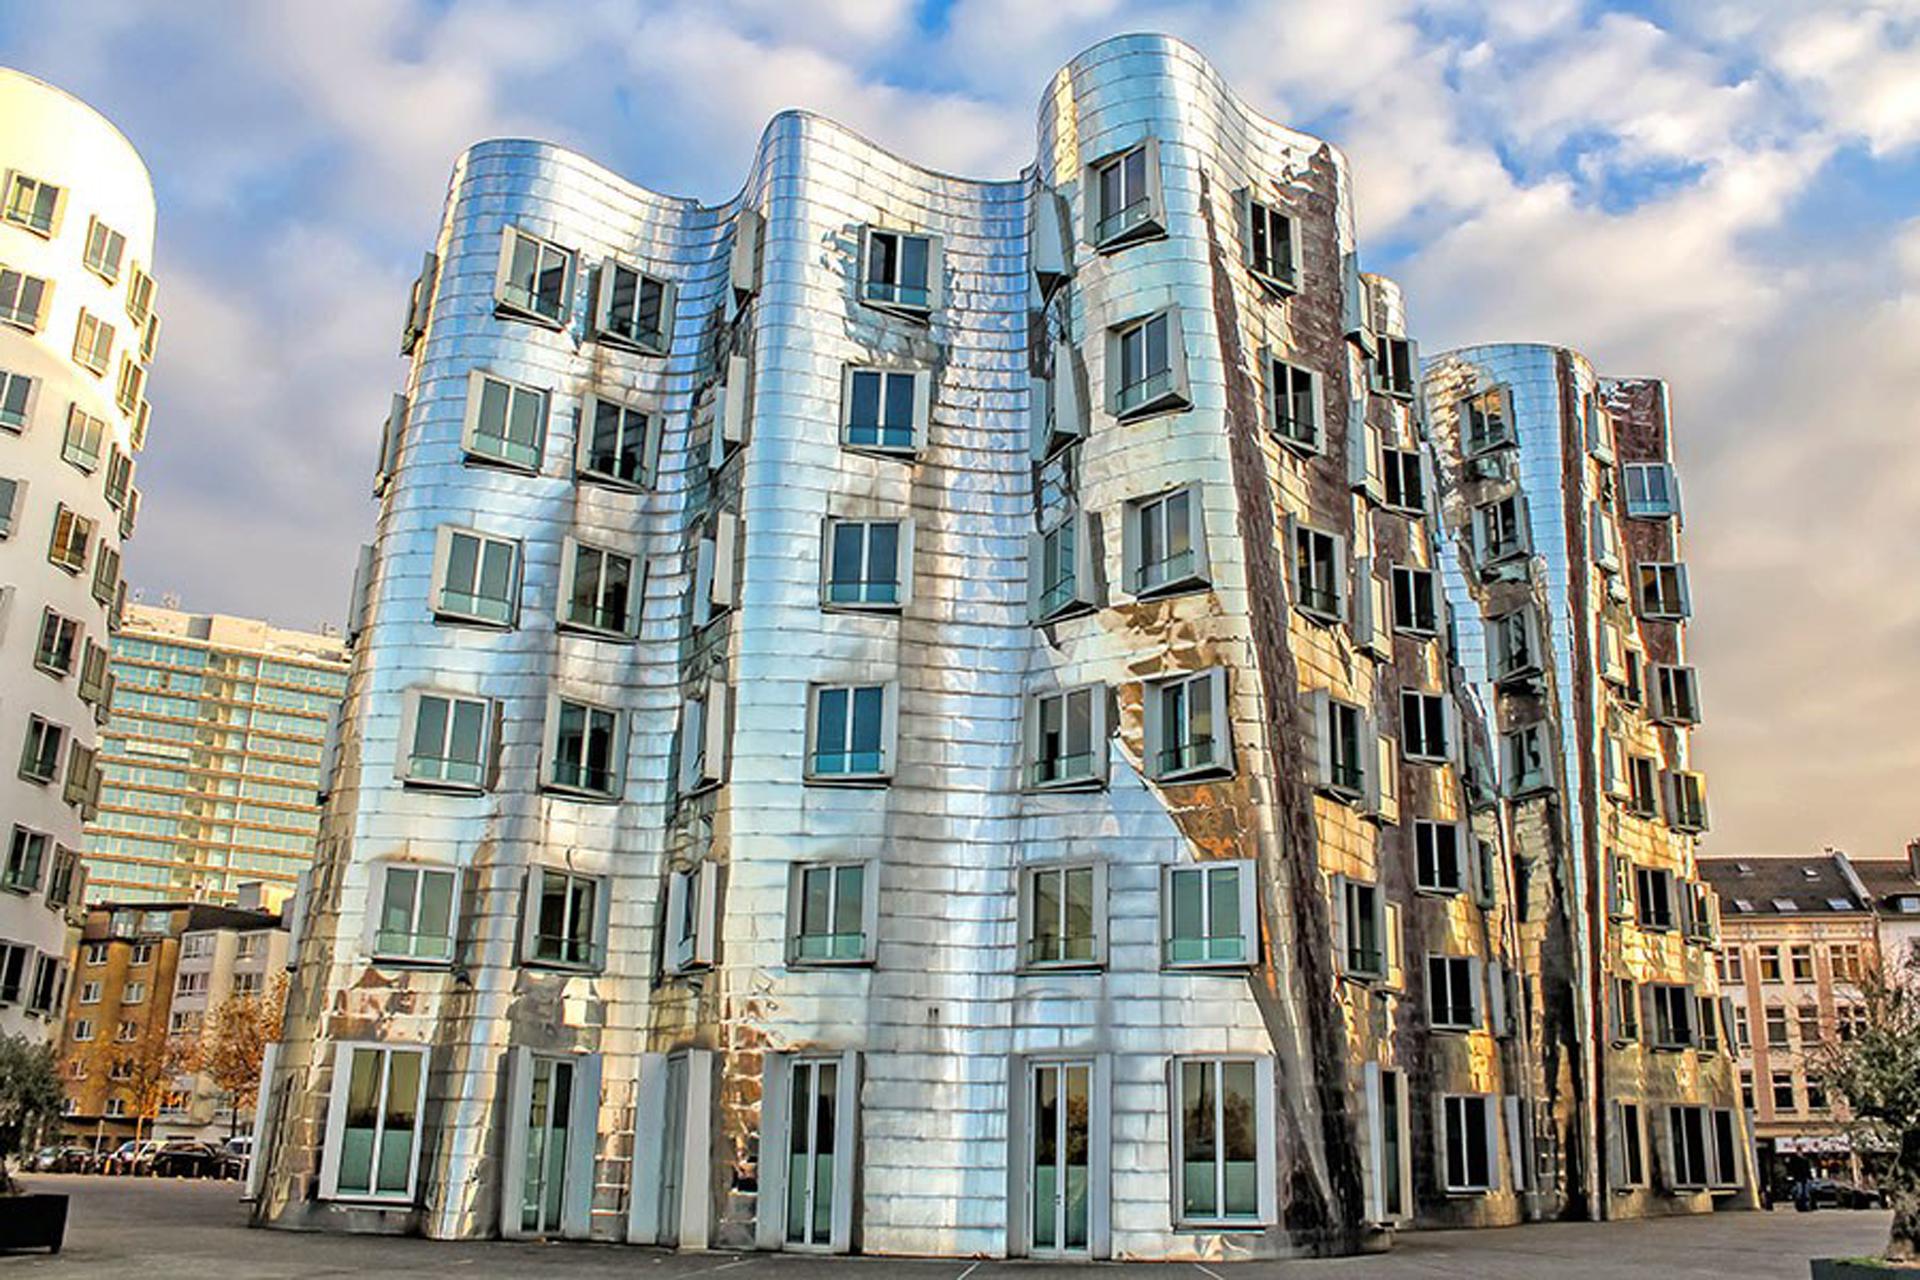 El arquitecto buscó un diseño único con ventilación natural , amplia iluminación interior y una destacada vista al río